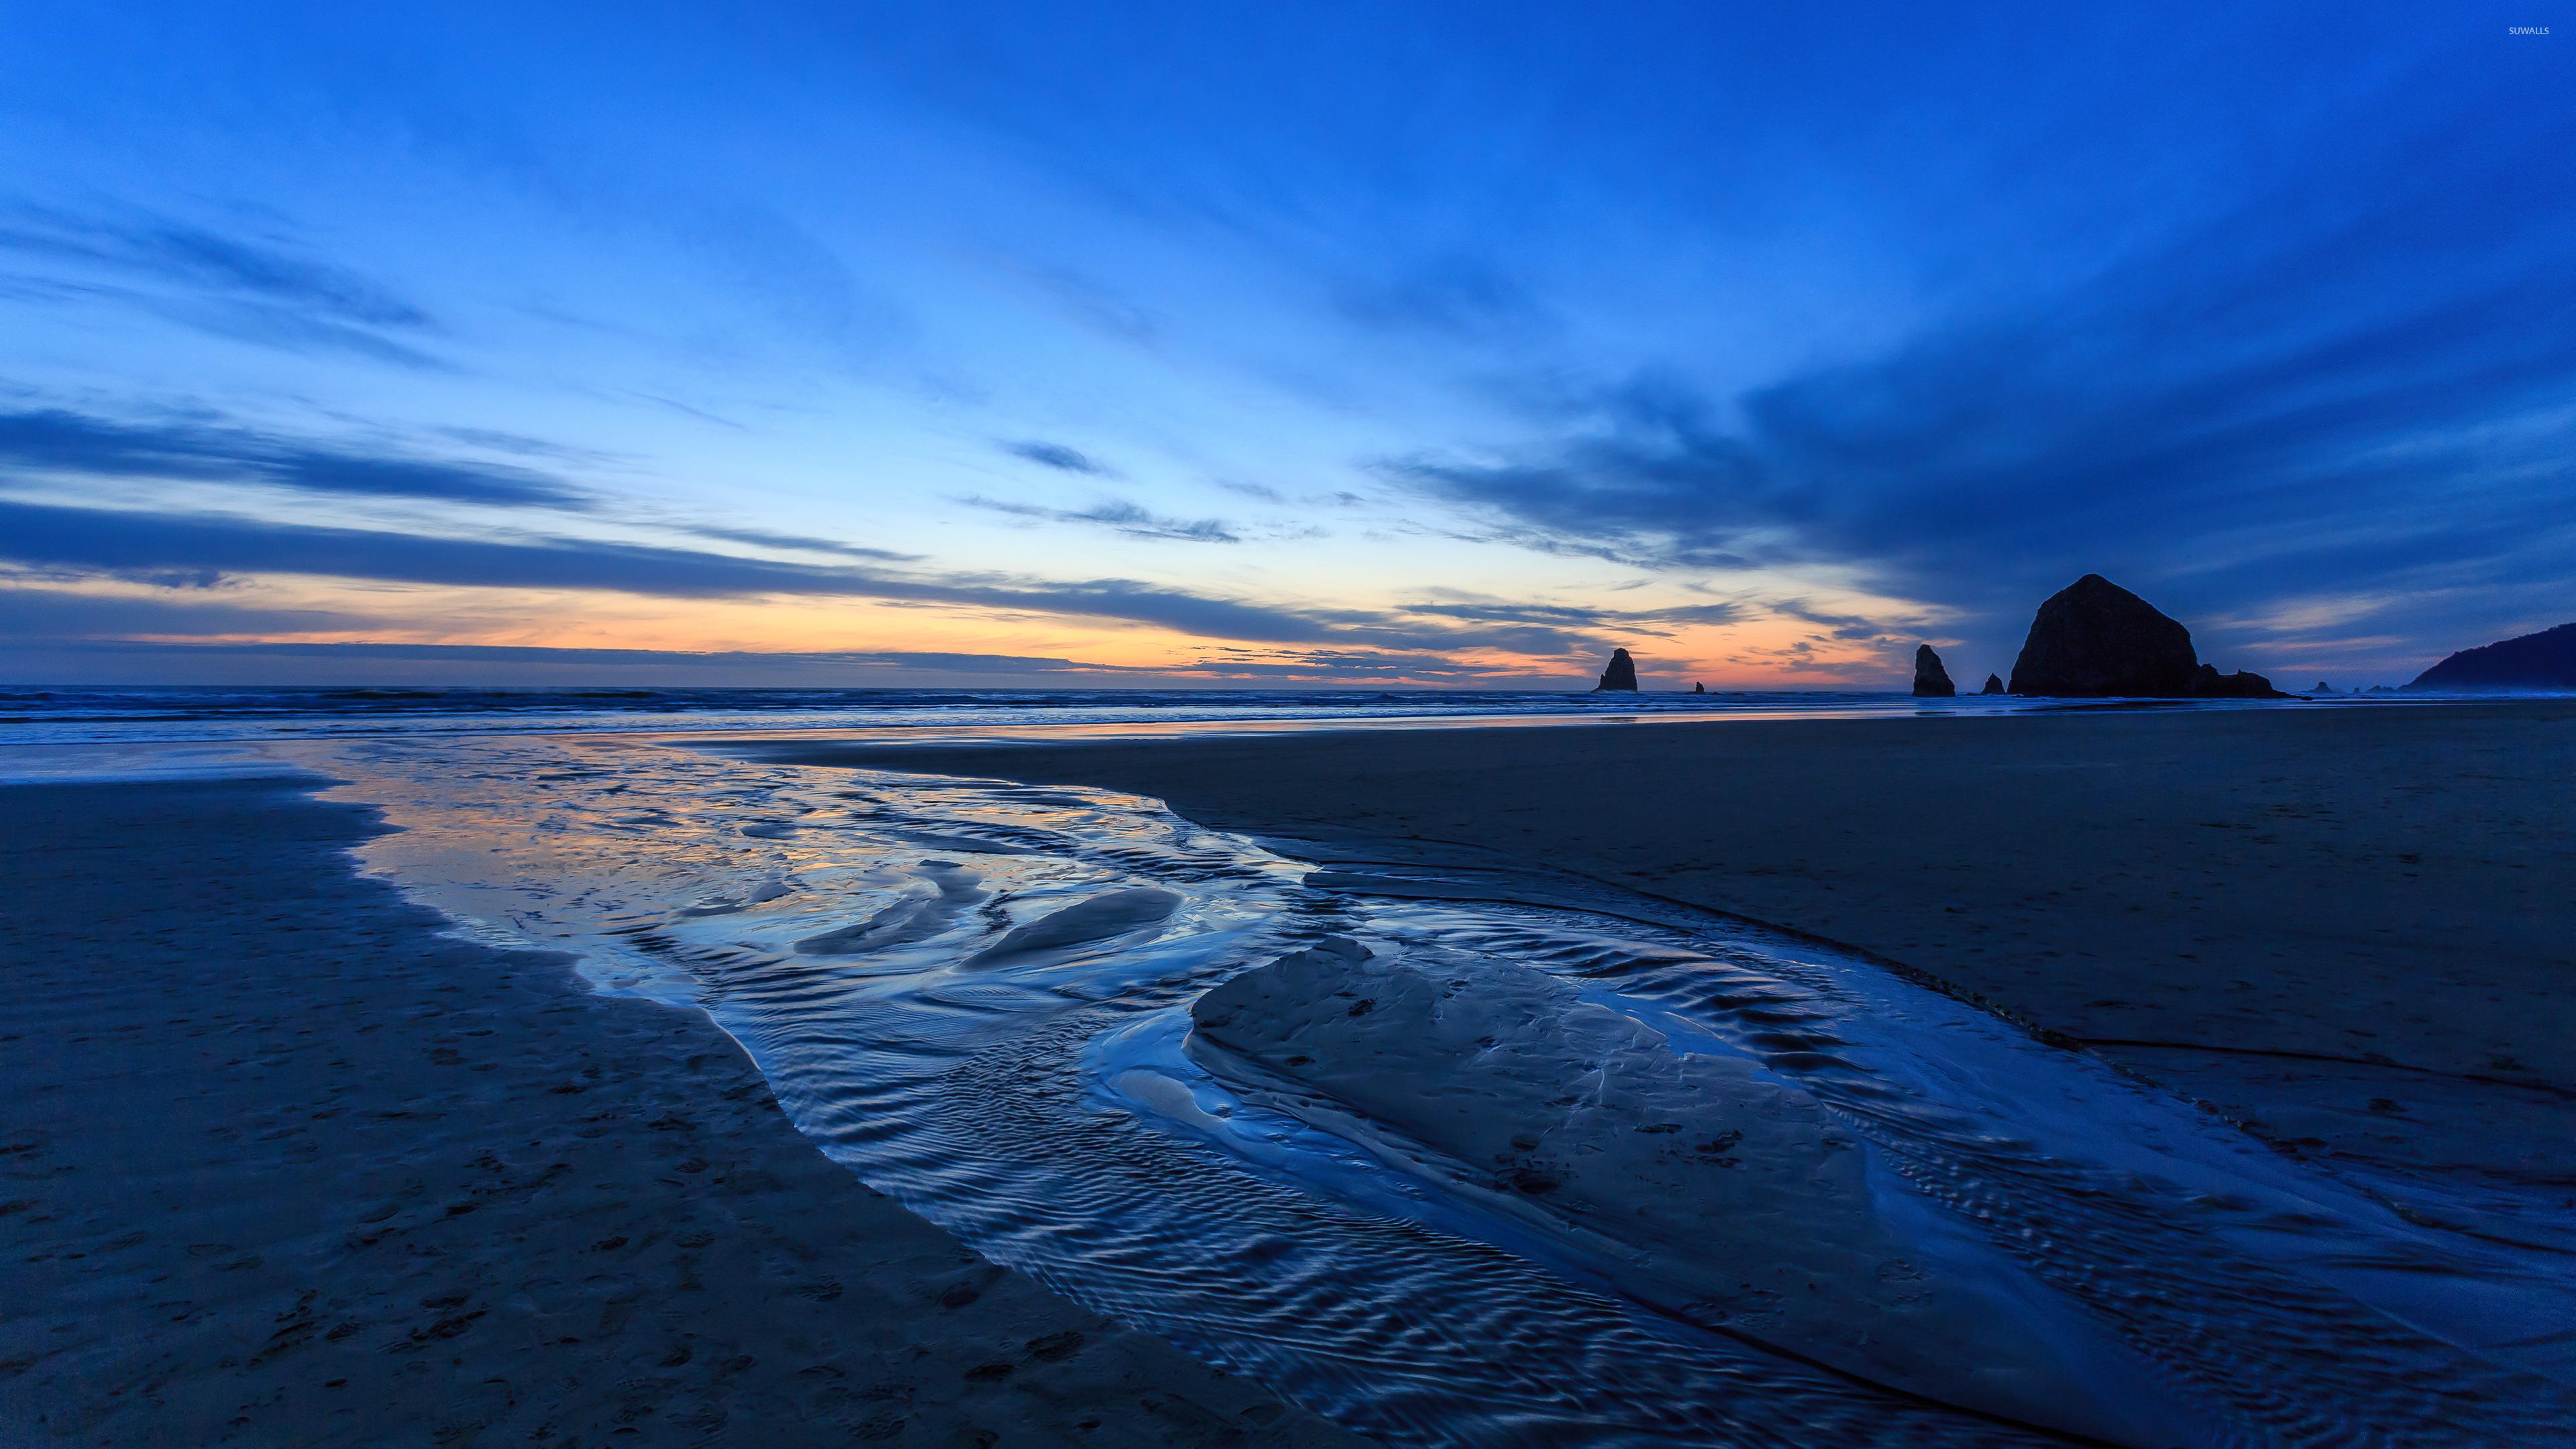 Blue ocean sunset wallpaper - Beach wallpapers - #40199